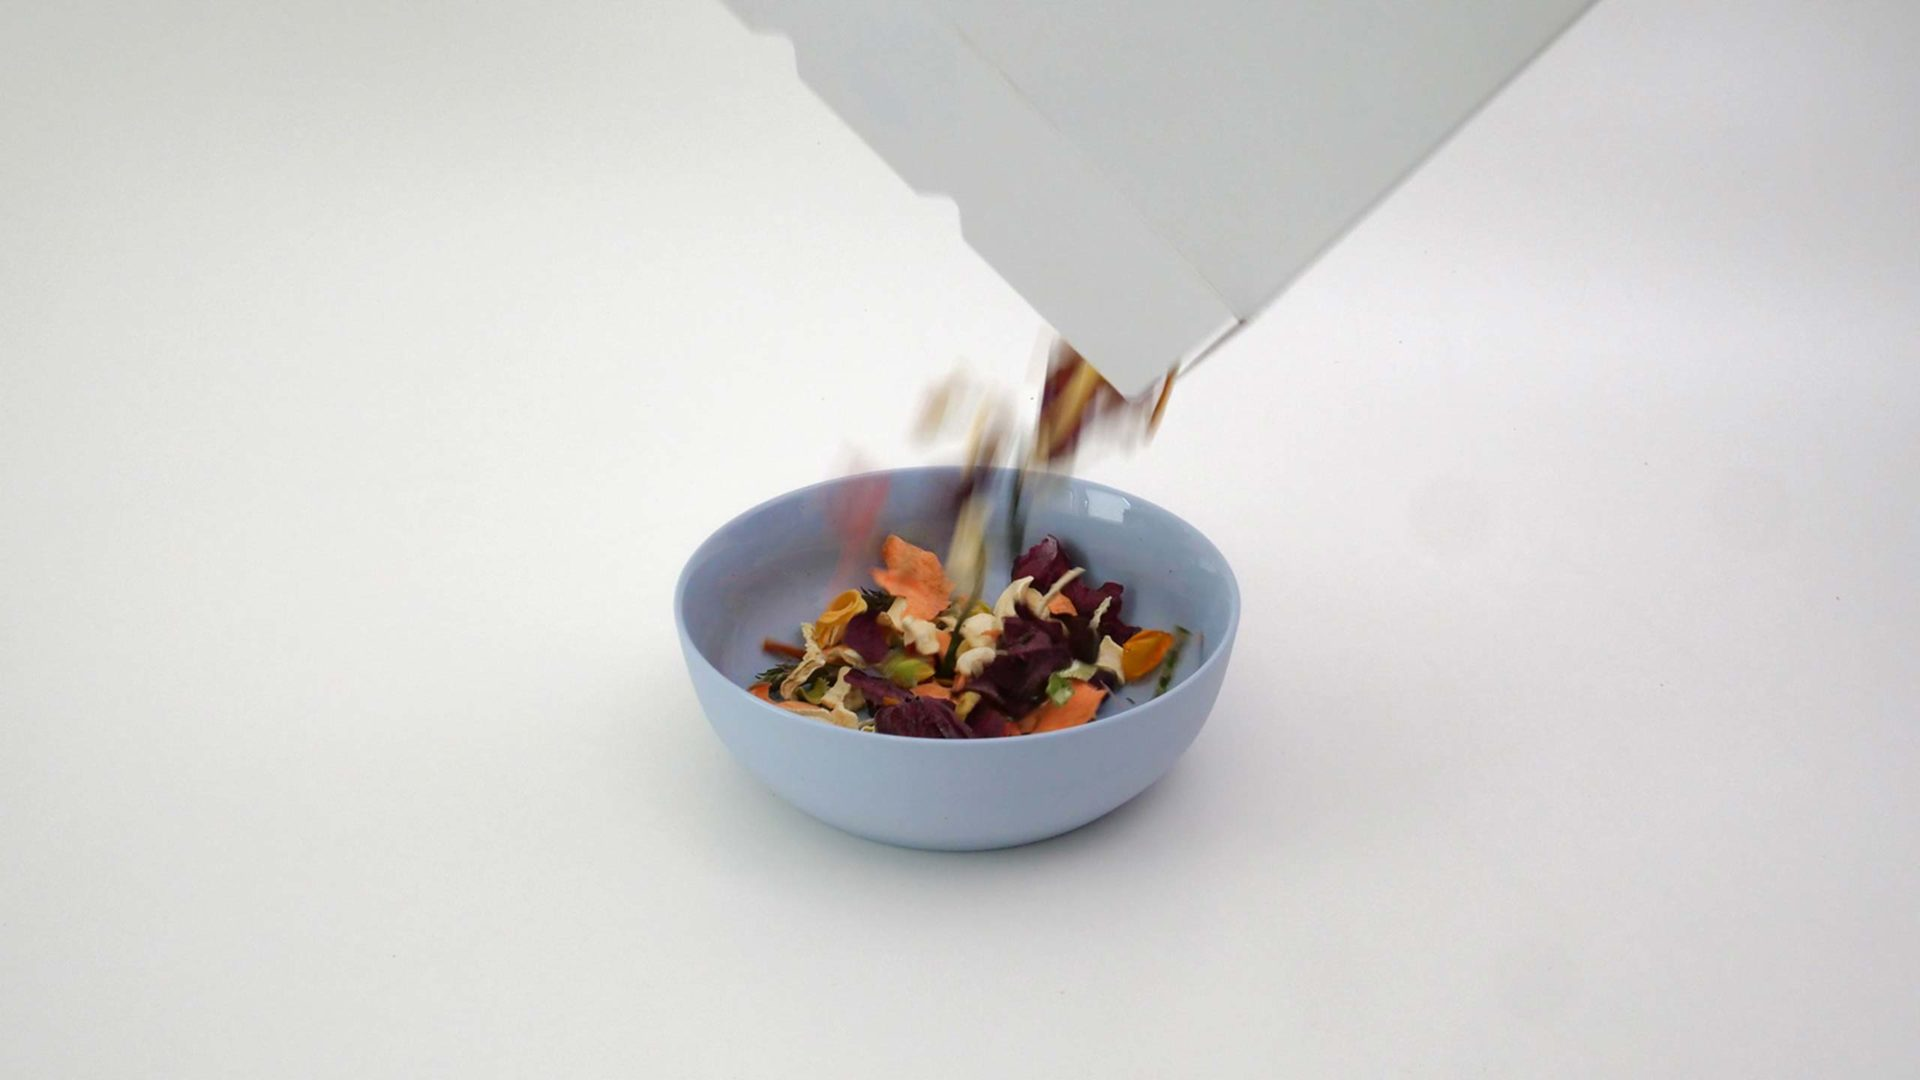 Die Gemüsli-Flakes vom Milk. Food Lab werden in eine Schüssel gegeben.